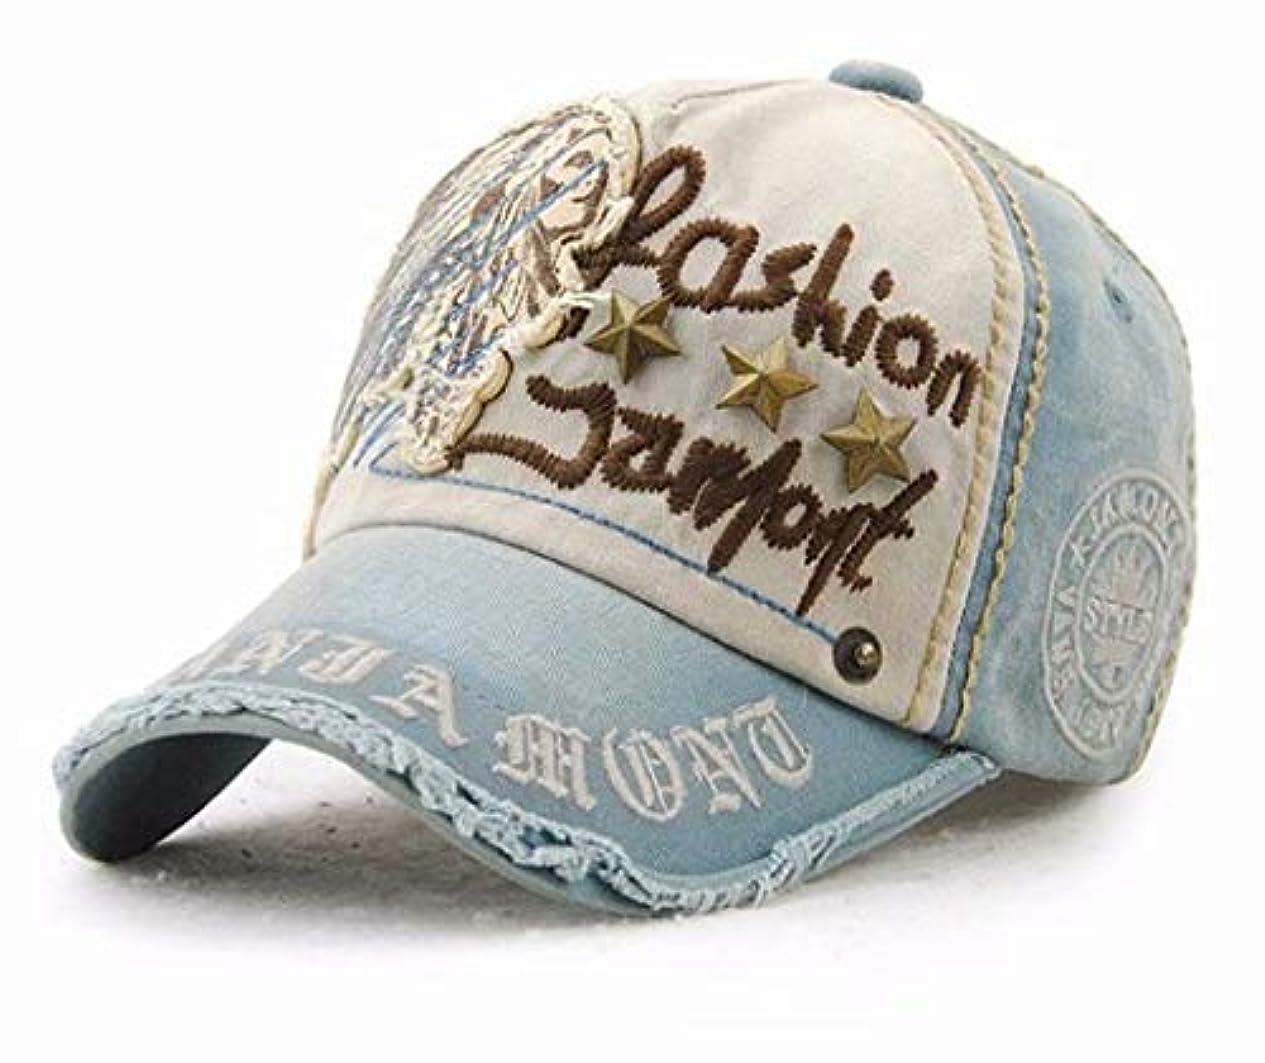 宝平和な解体する七里の香 リベットの刺繍の野球帽を ファッションのカウボーイハットをピークに、キャップ